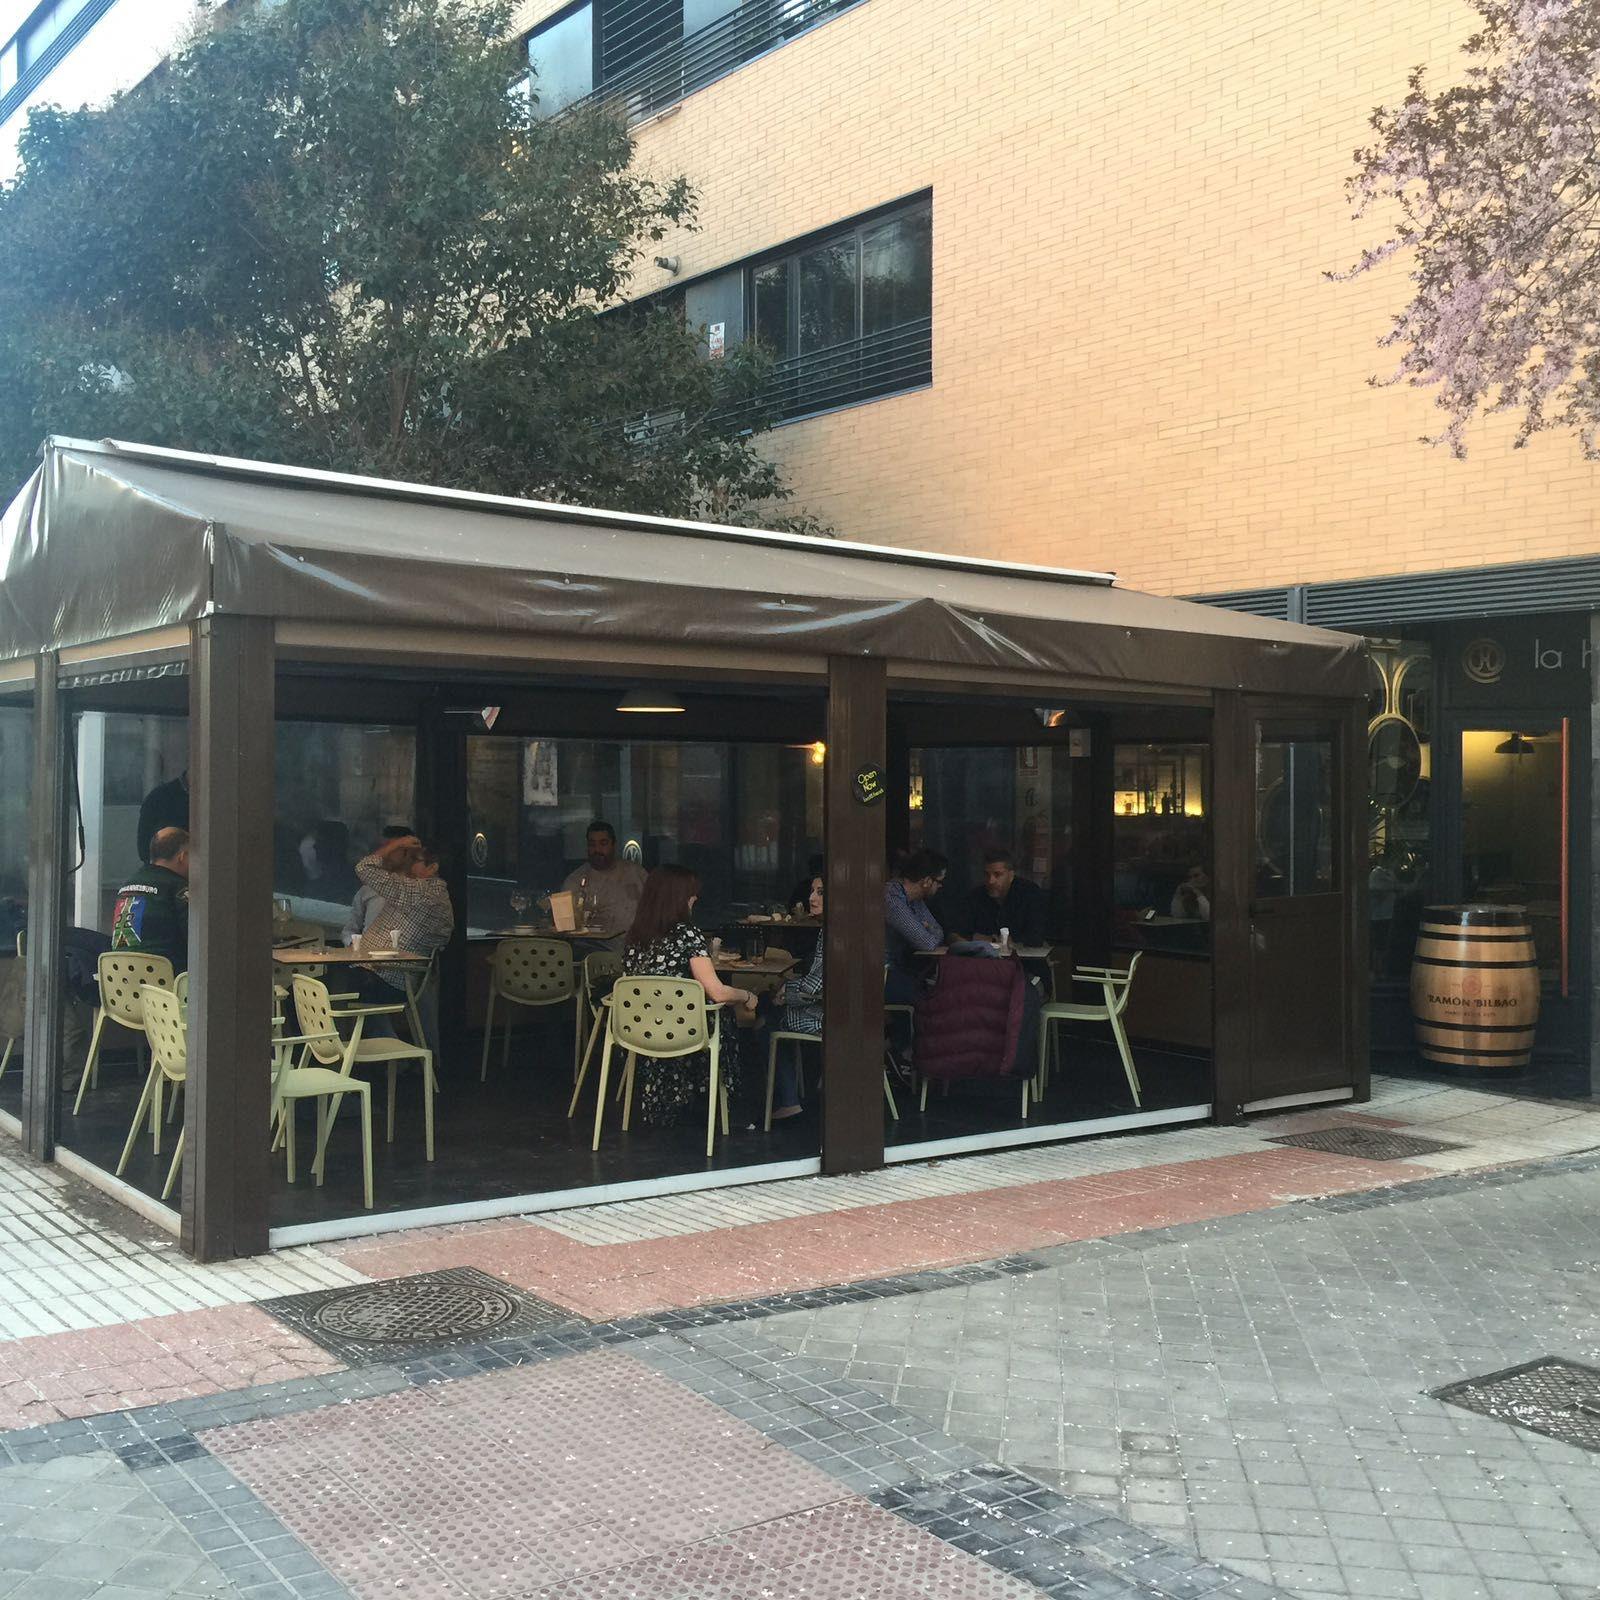 Restaurante con terraza en Arganzuela